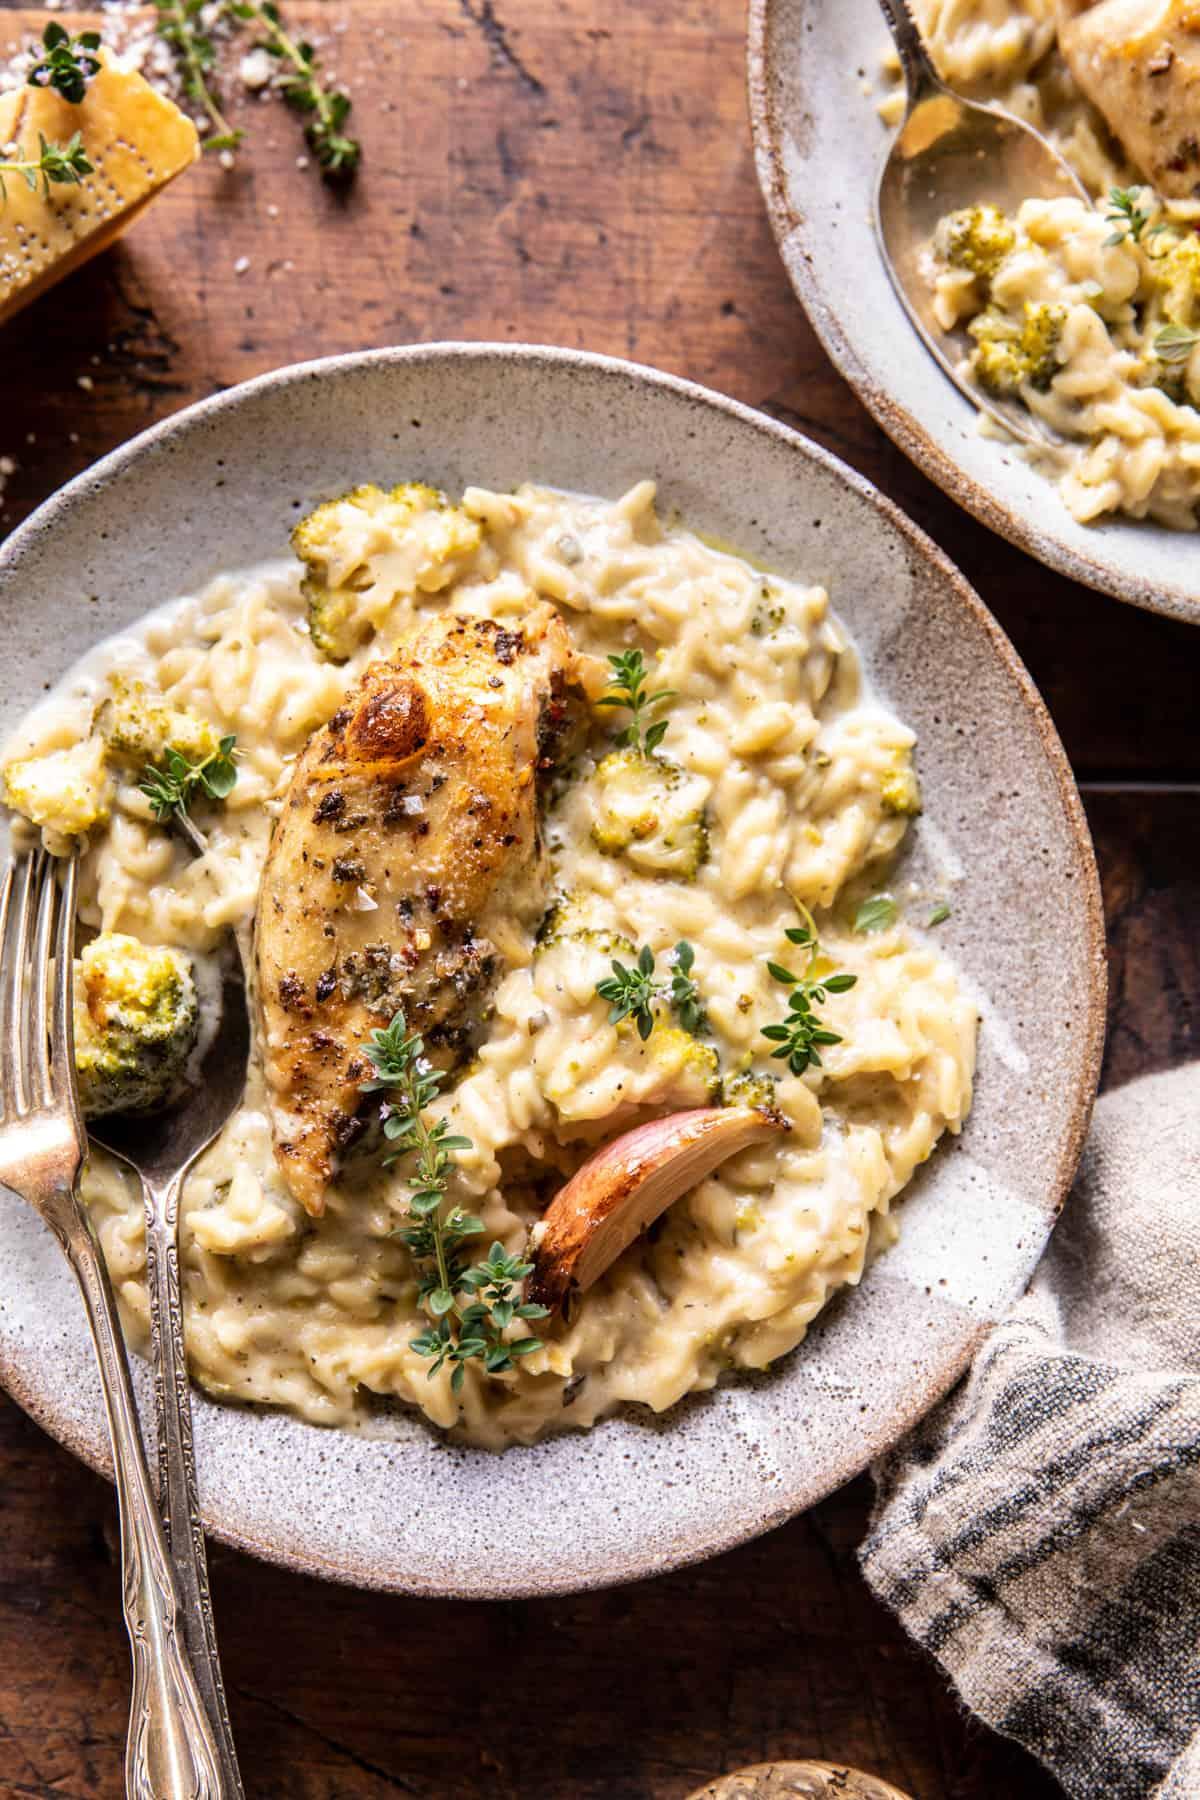 Lassú tűzhelyű mustáros gyógynövény csirke és krémes Orzo    halfbakedharvest.com